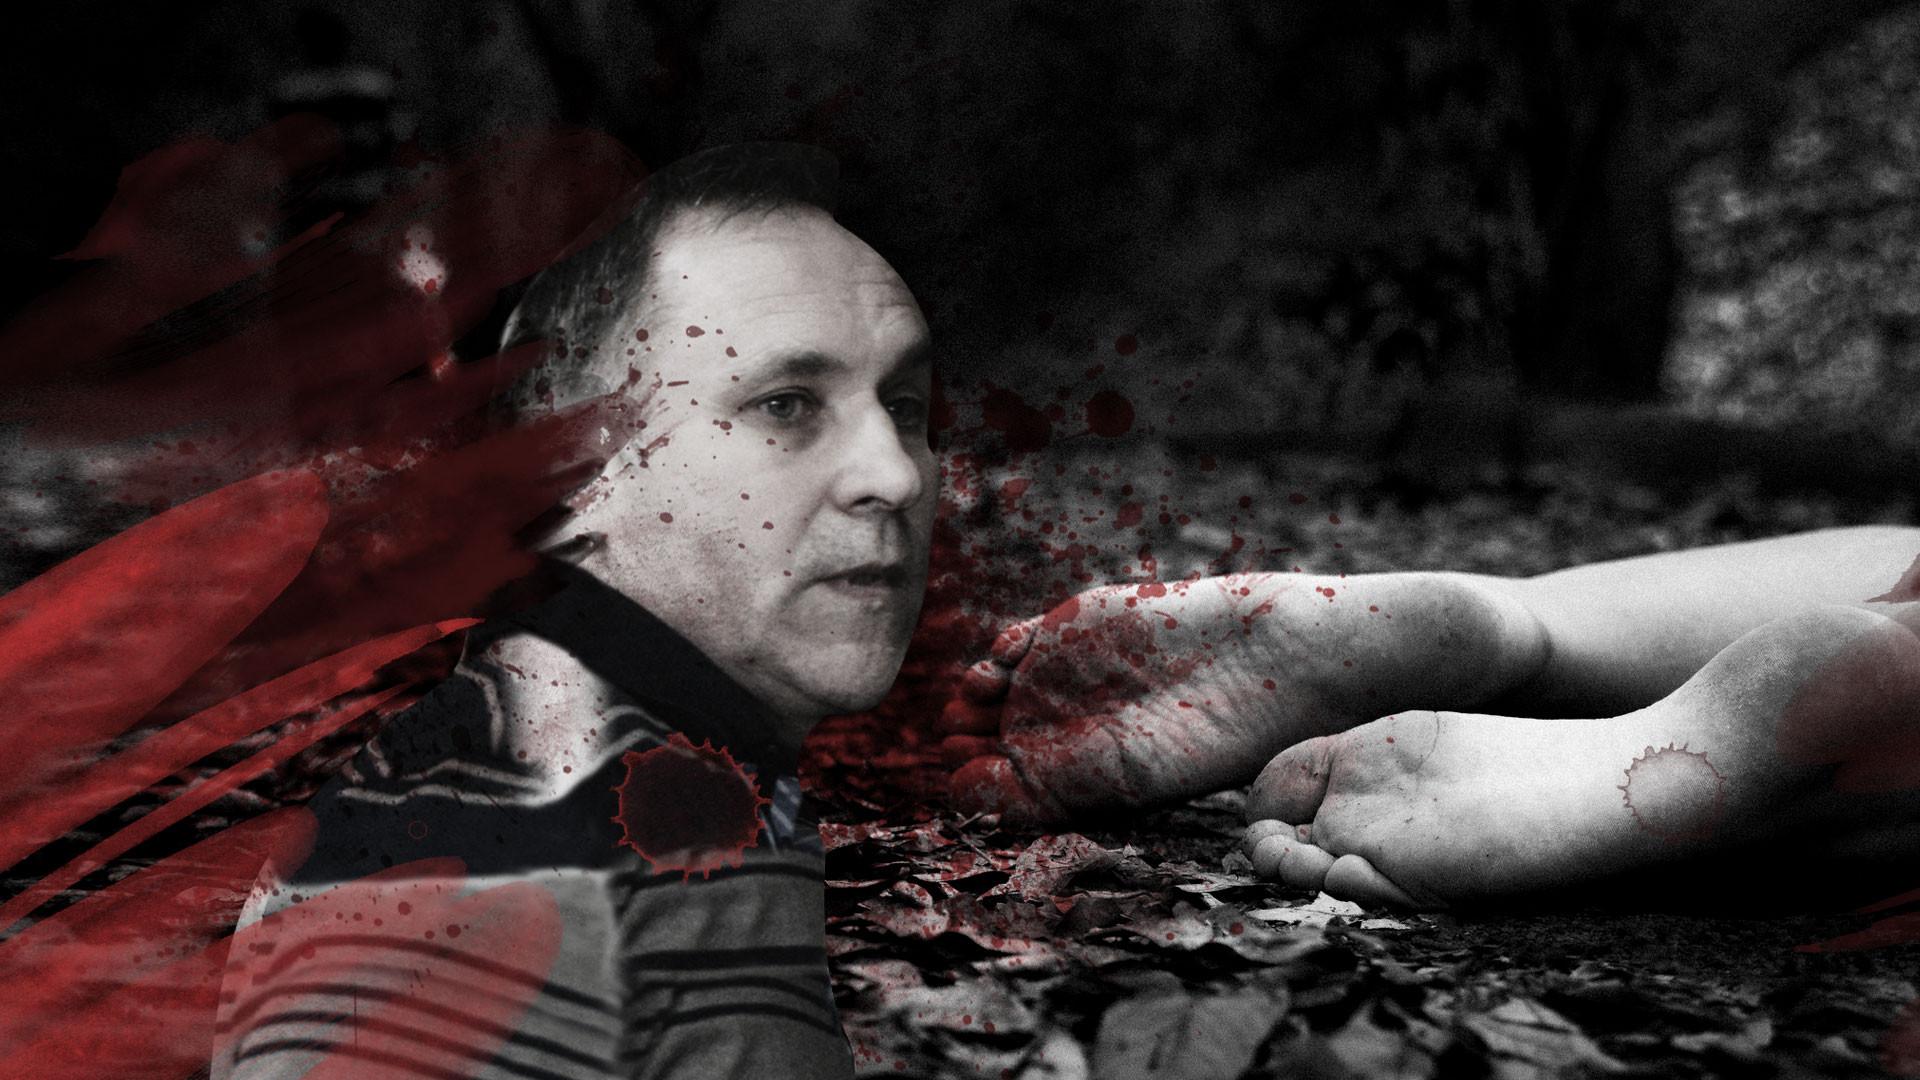 """<p>Коллаж &copy; L!FE. Фото: &copy; РИА Новости/Александр Кряжев &copy;&nbsp;<a href=""""https://www.flickr.com/photos/edwardzulawski/14798307906/"""" target=""""_blank"""">flickr.com/Edward Zulawski</a></p>"""